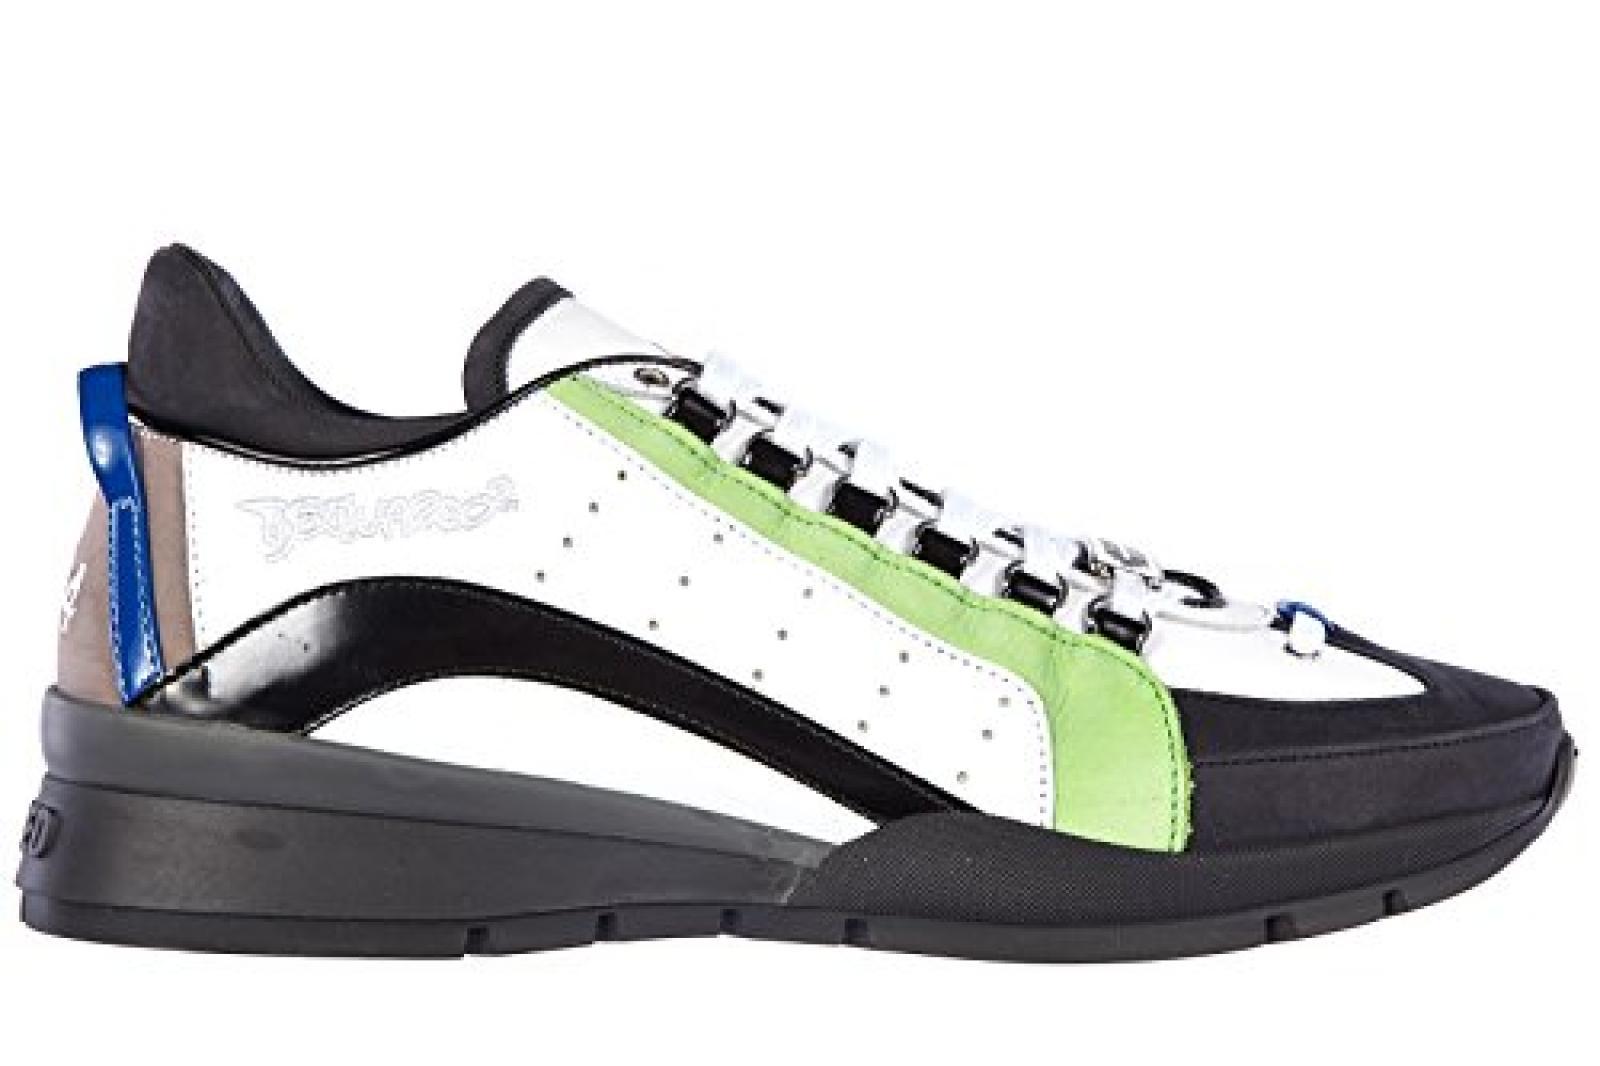 Dsquared2 Herrenschuhe Herren Leder Schuhe Sneakers Weiß